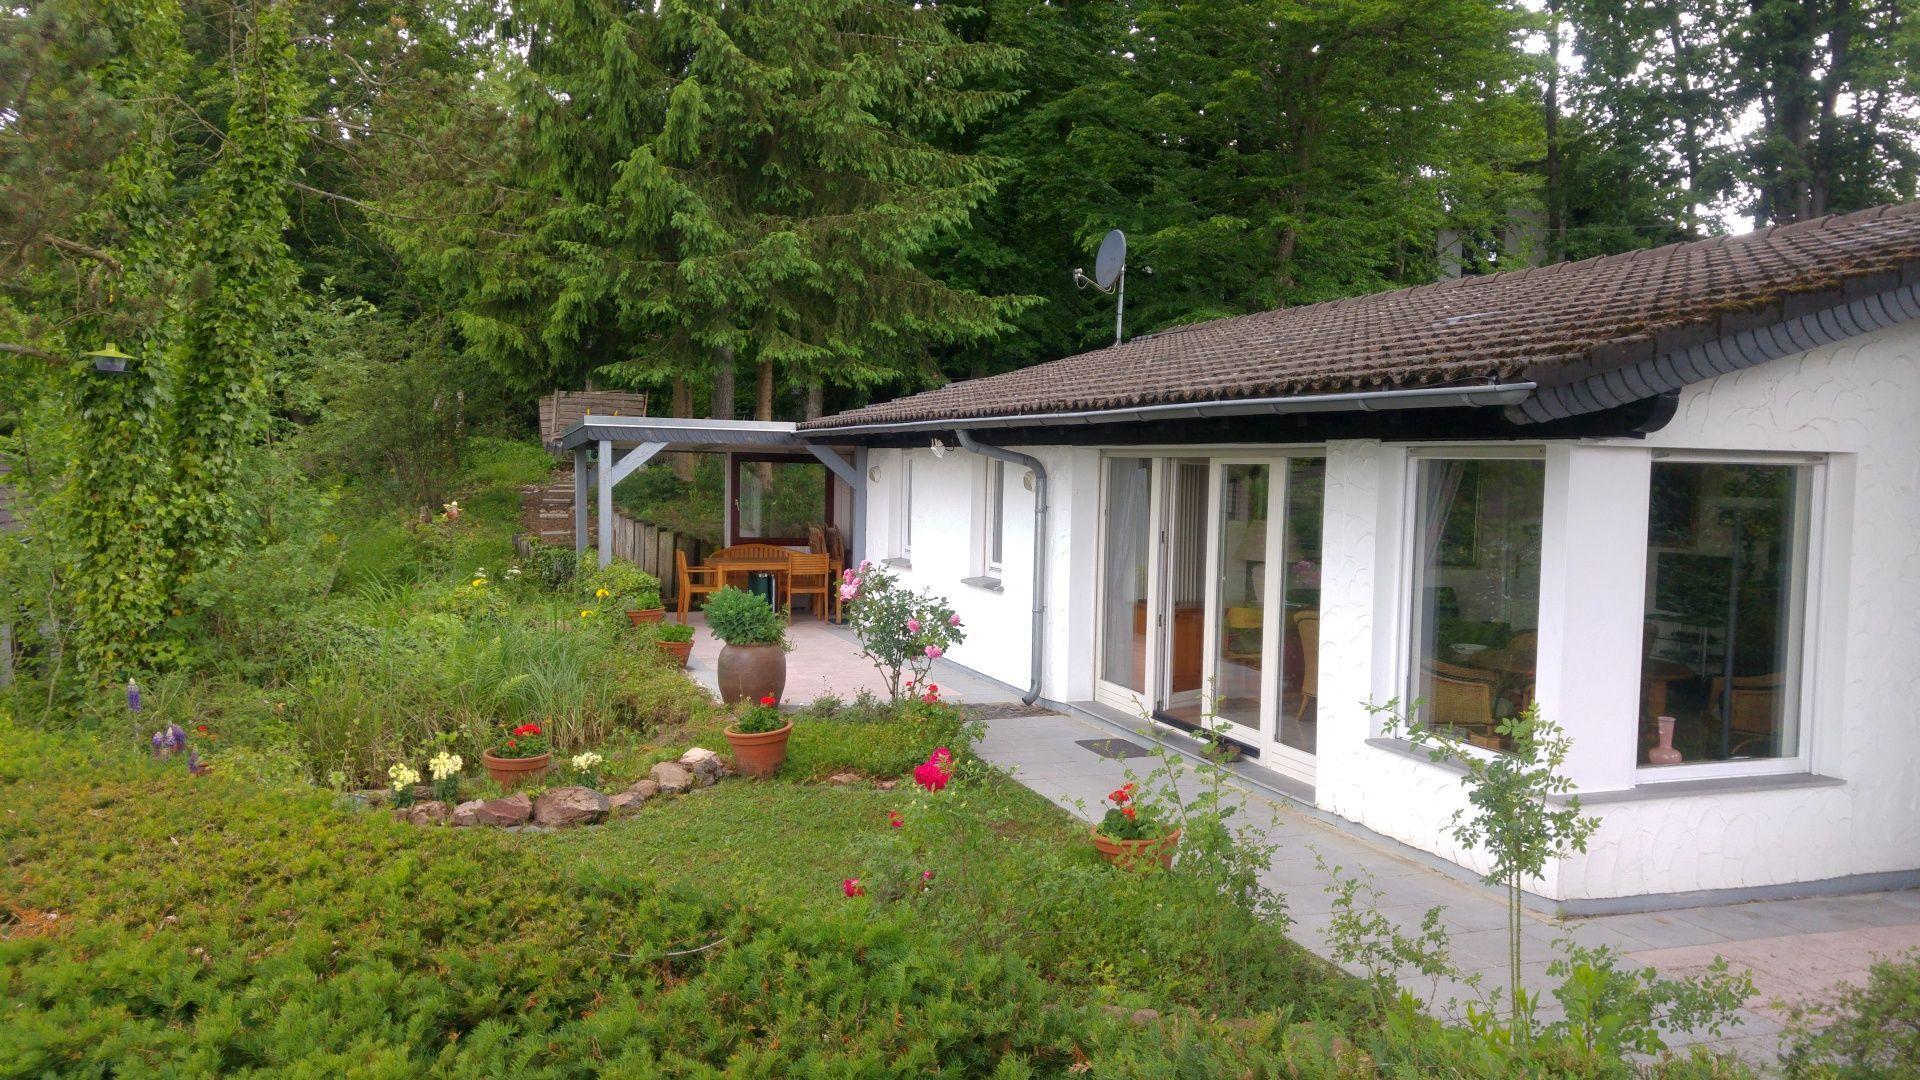 Ferienhaus für 4 Personen ca. 95 m² in L   Eifel Rheinland Pfalz